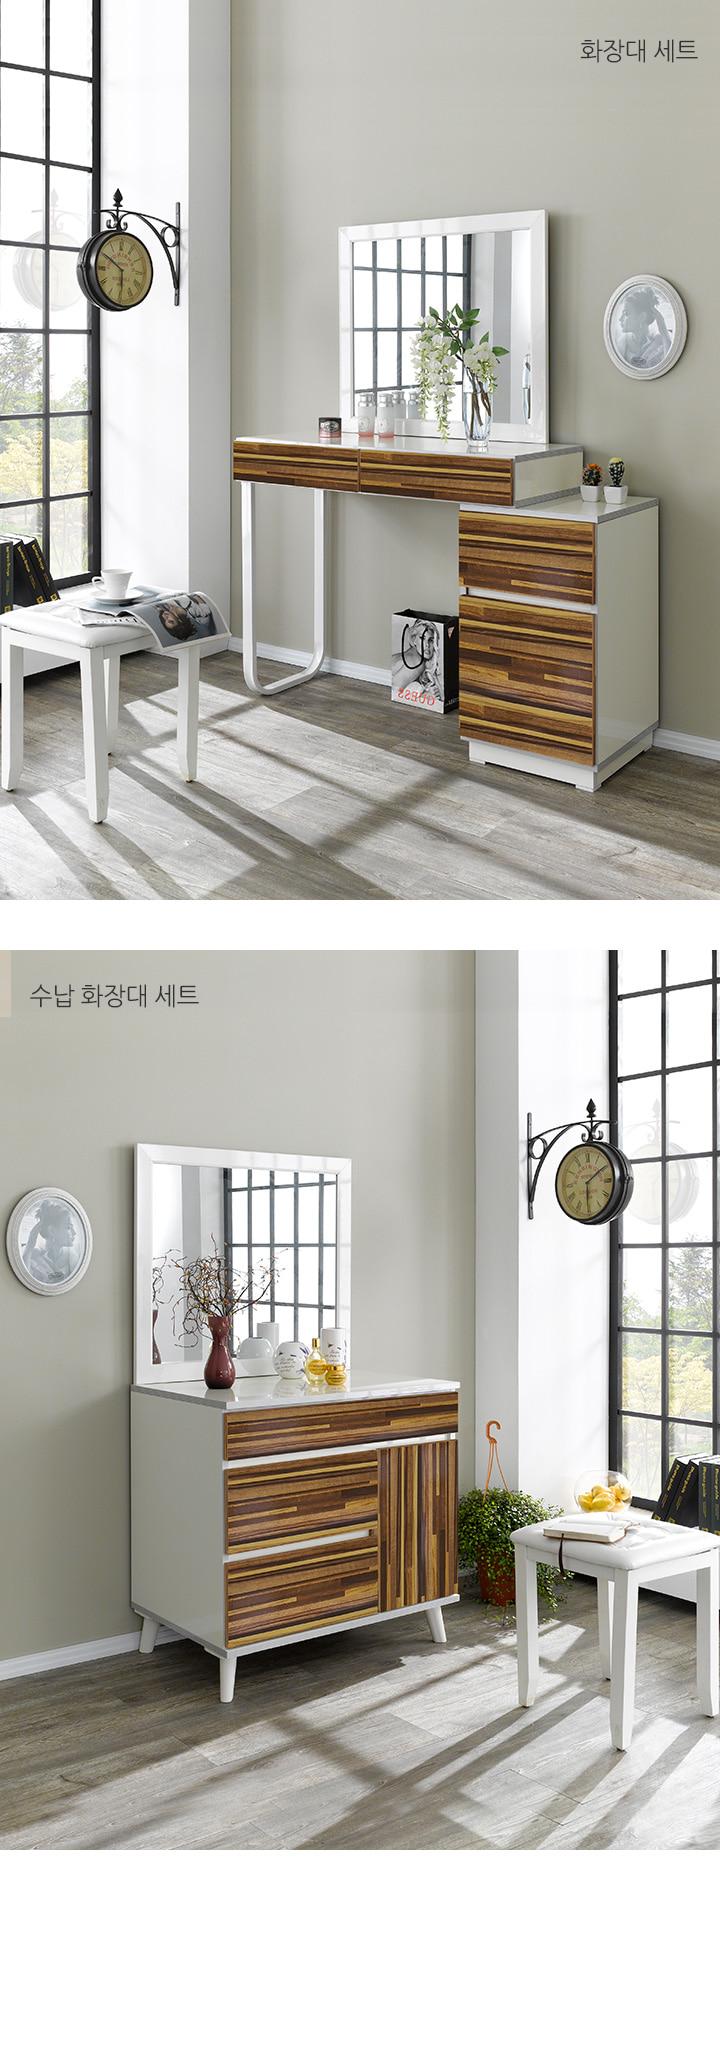 매기 수납 화장대 세트 - 우아미아이, 265,930원, 화장대, 화장대 세트